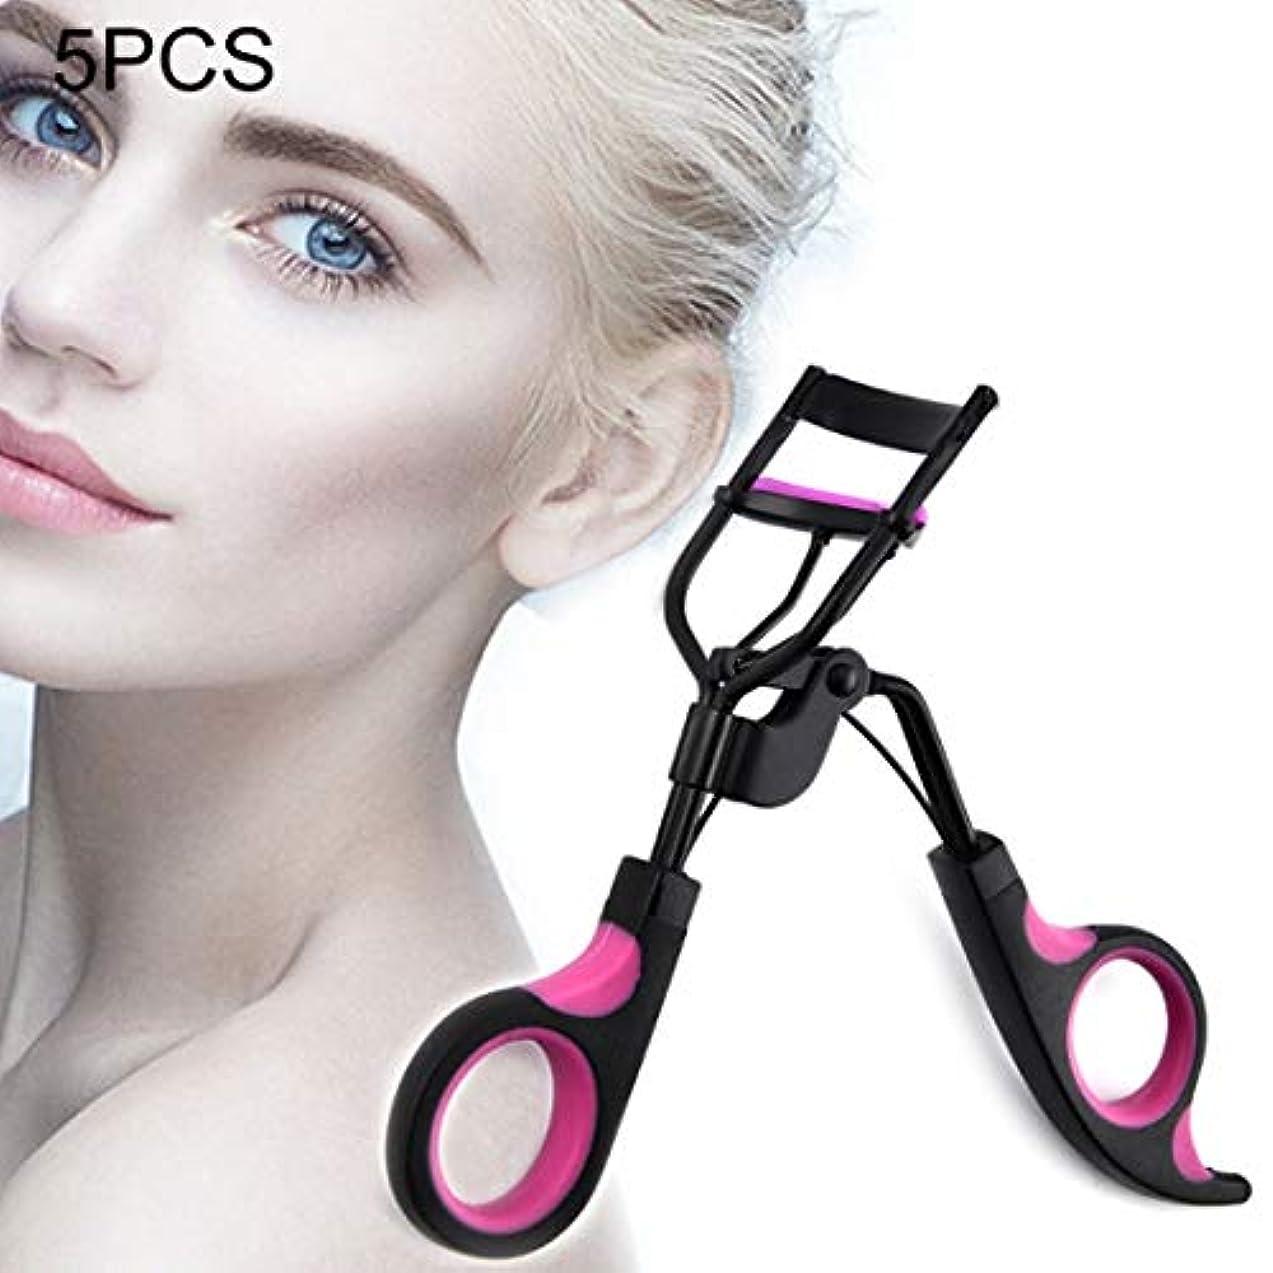 バインド部分汚染された美容アクセサリー 5 PCS 2色超広角メイクアップツールまつげカラー、ランダムカラーデリバリー 写真美容アクセサリー